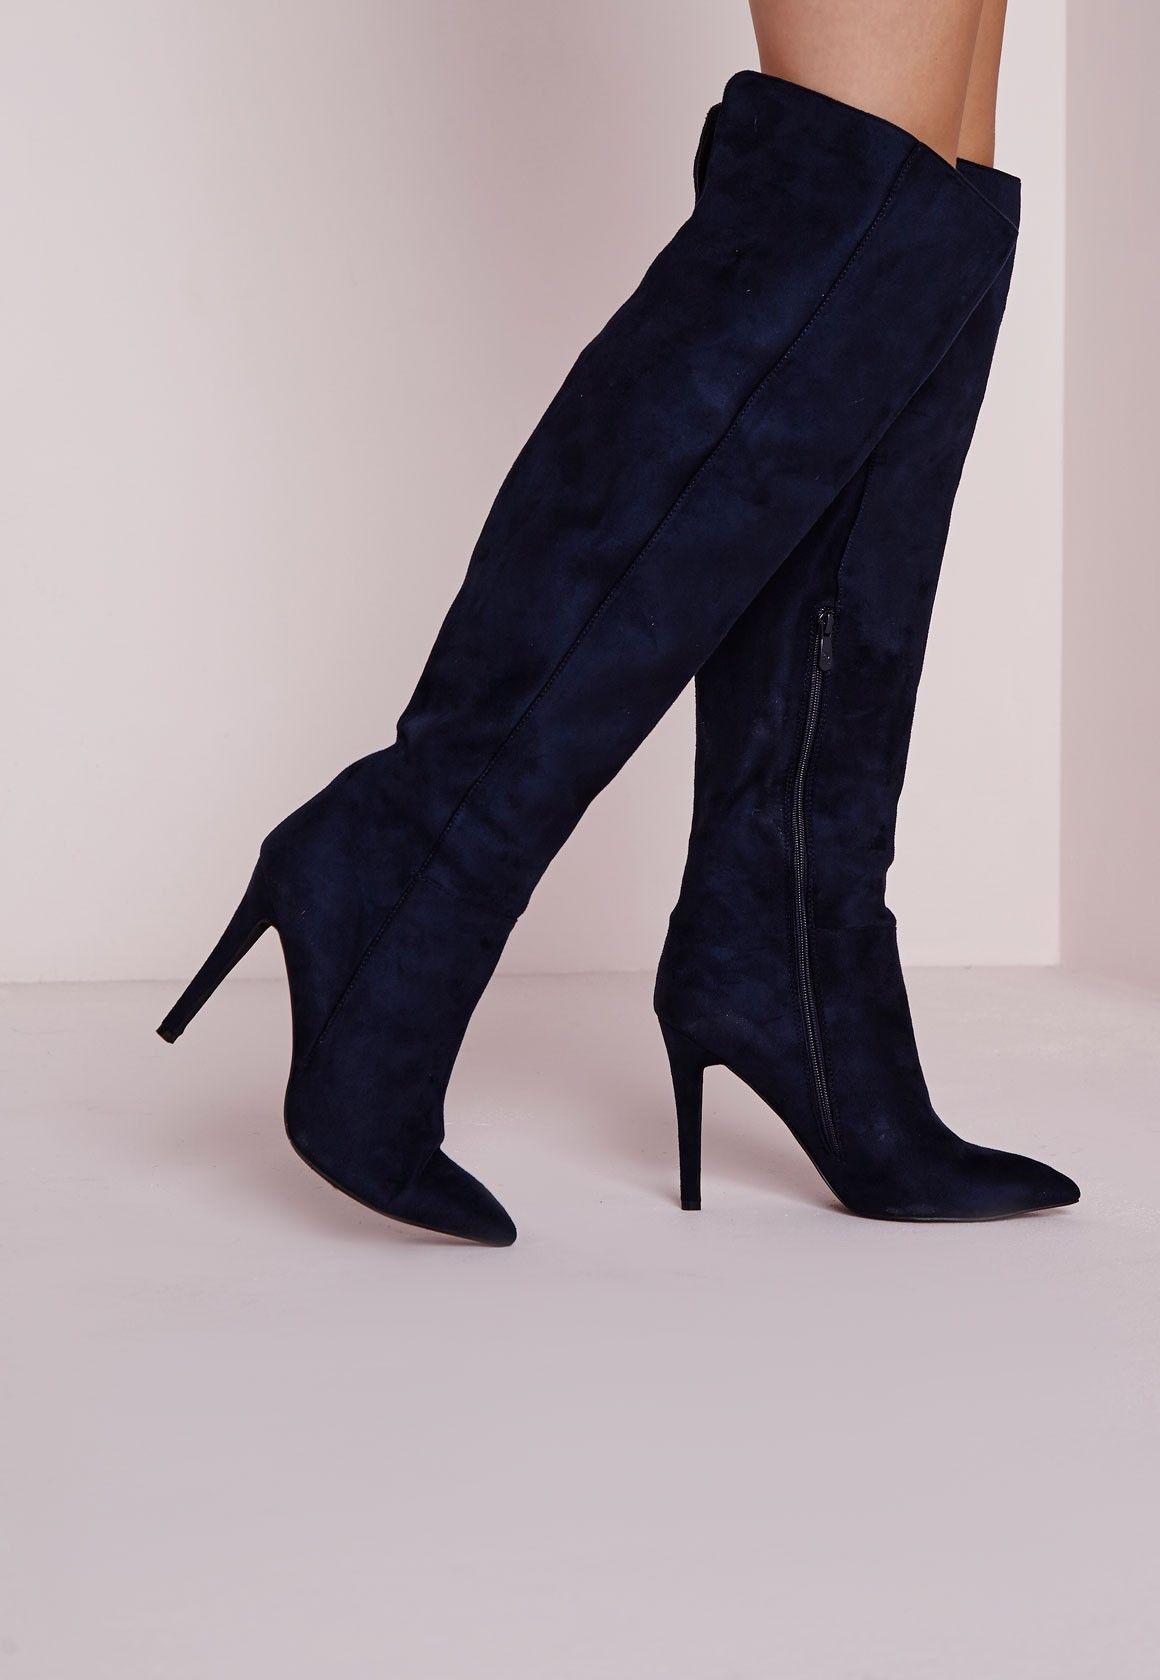 2017 Plus Cuissardes Talon place Bottes Femmes Sexy Ladies Lace Étirements Bottes en tissu Mode Noir Taille,noir,35